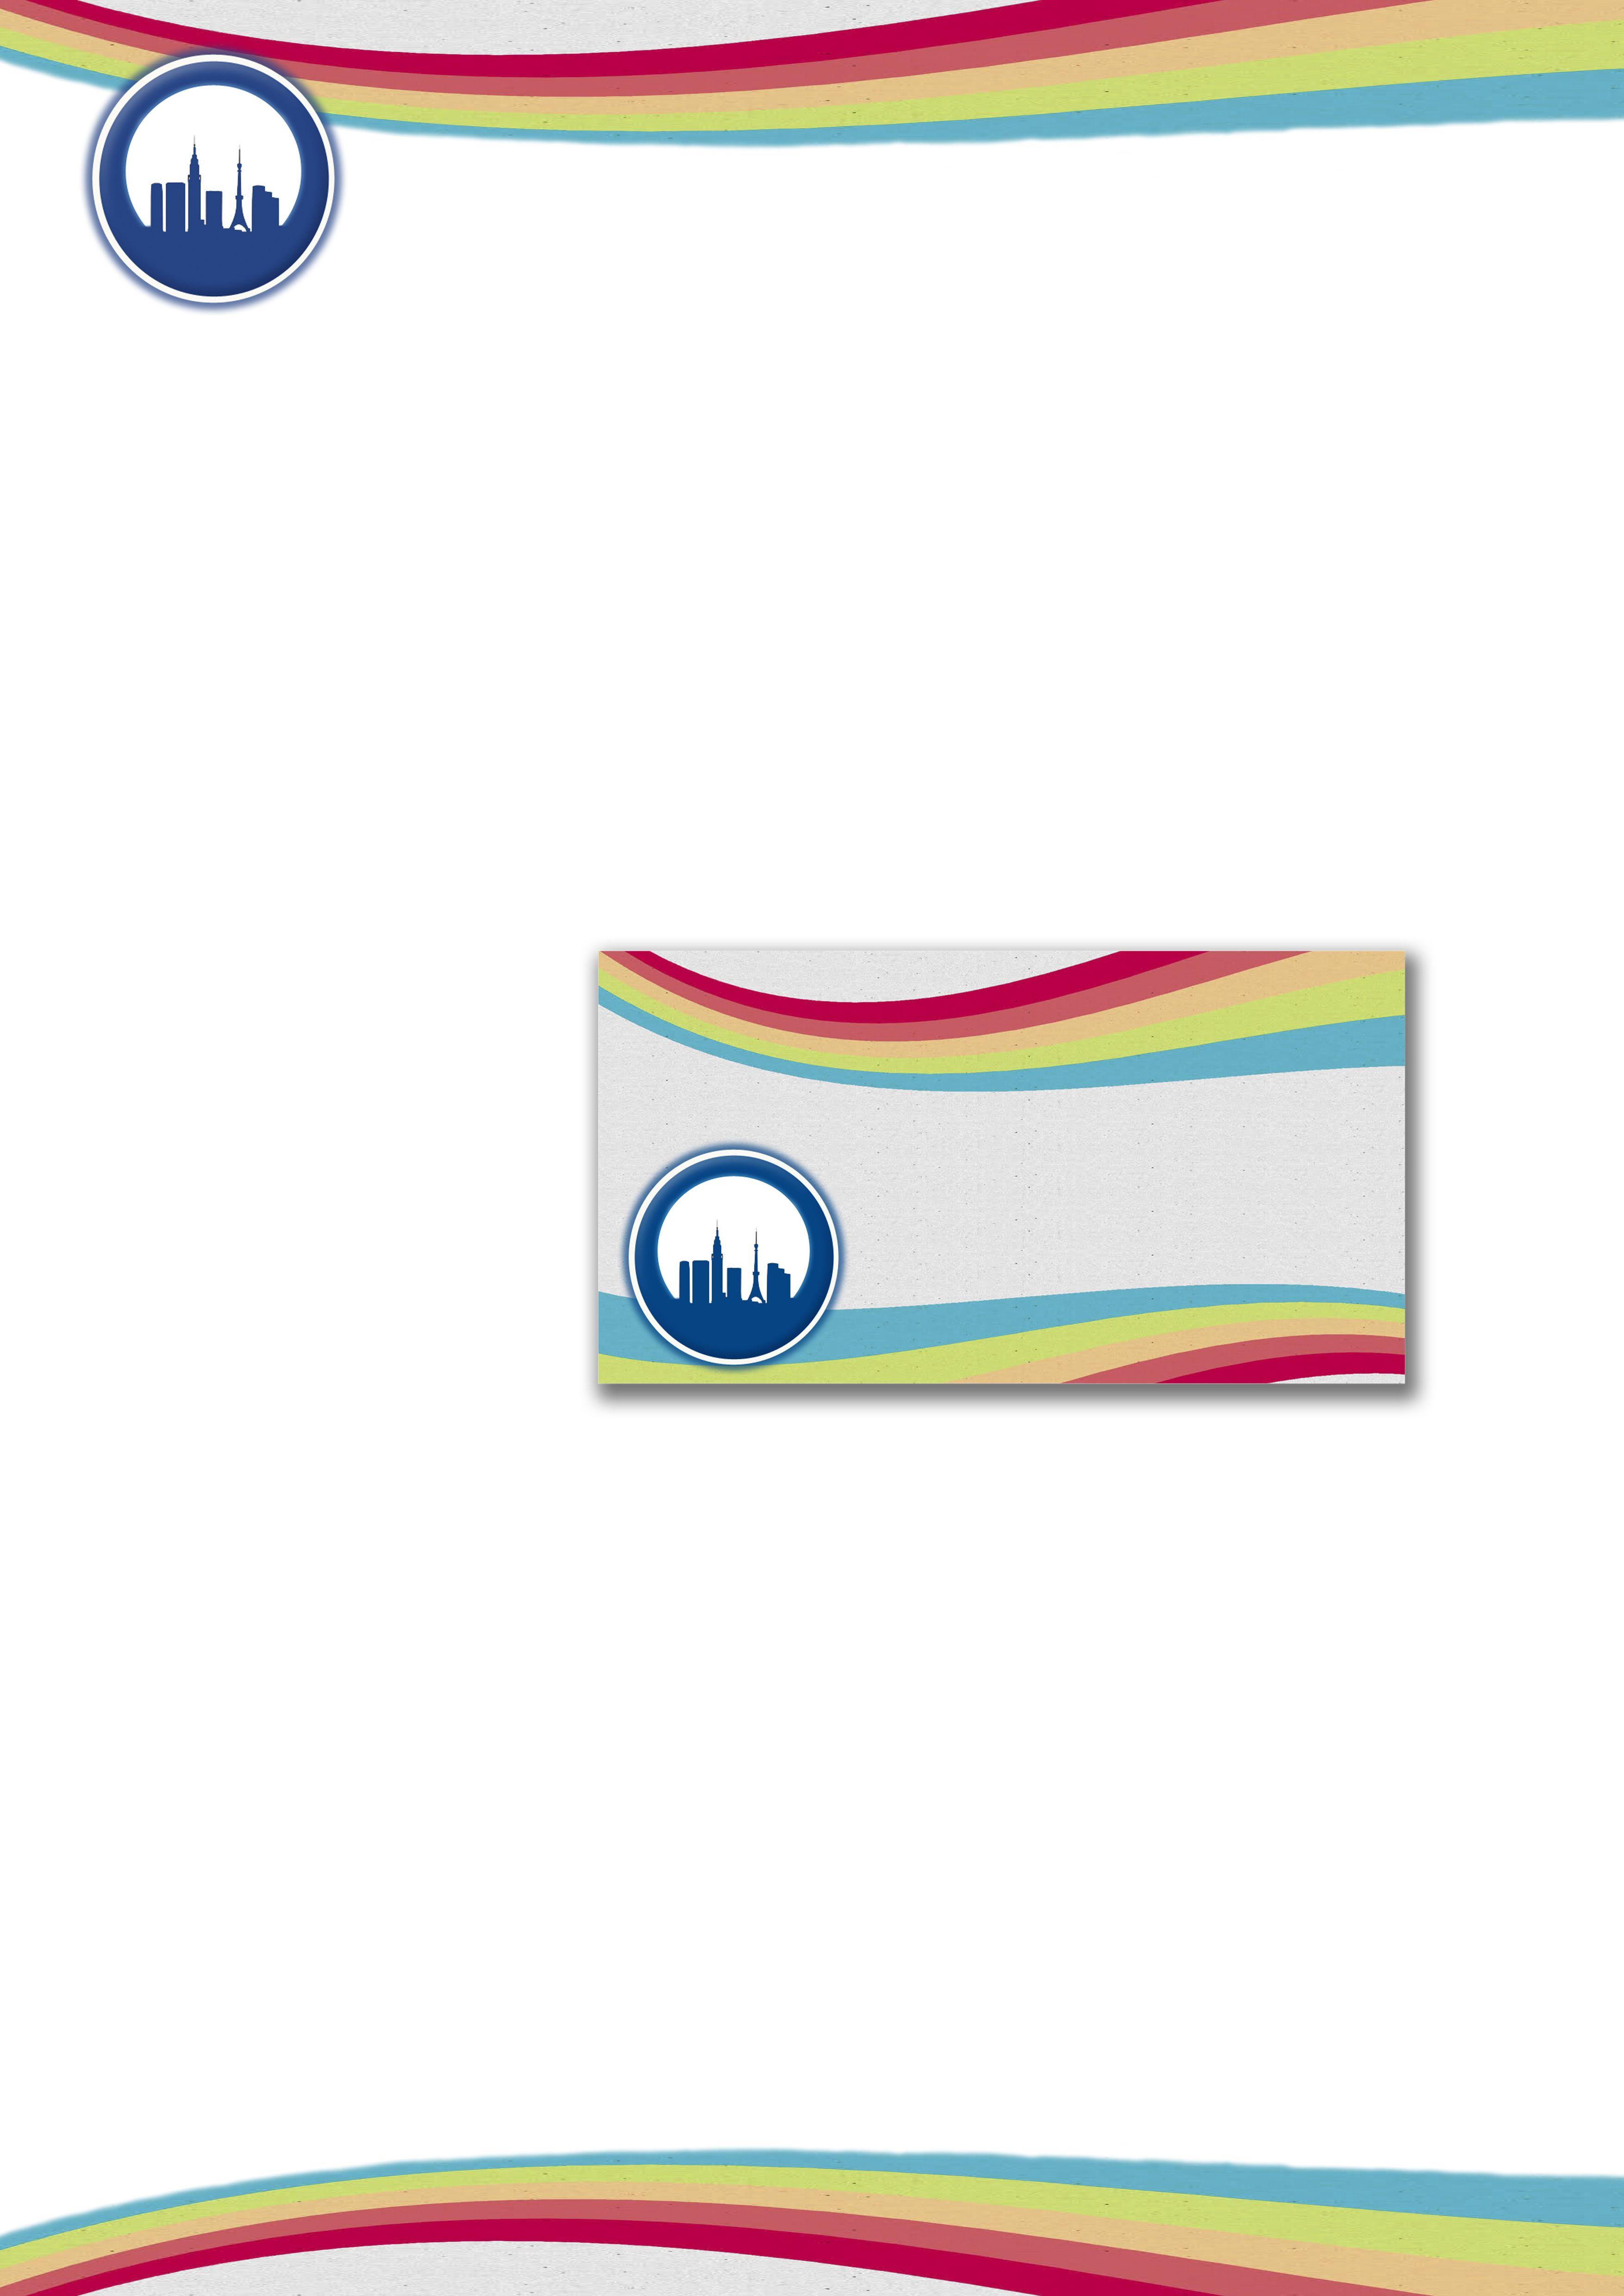 Логотип для строительной компании - дизайнер Dani12345